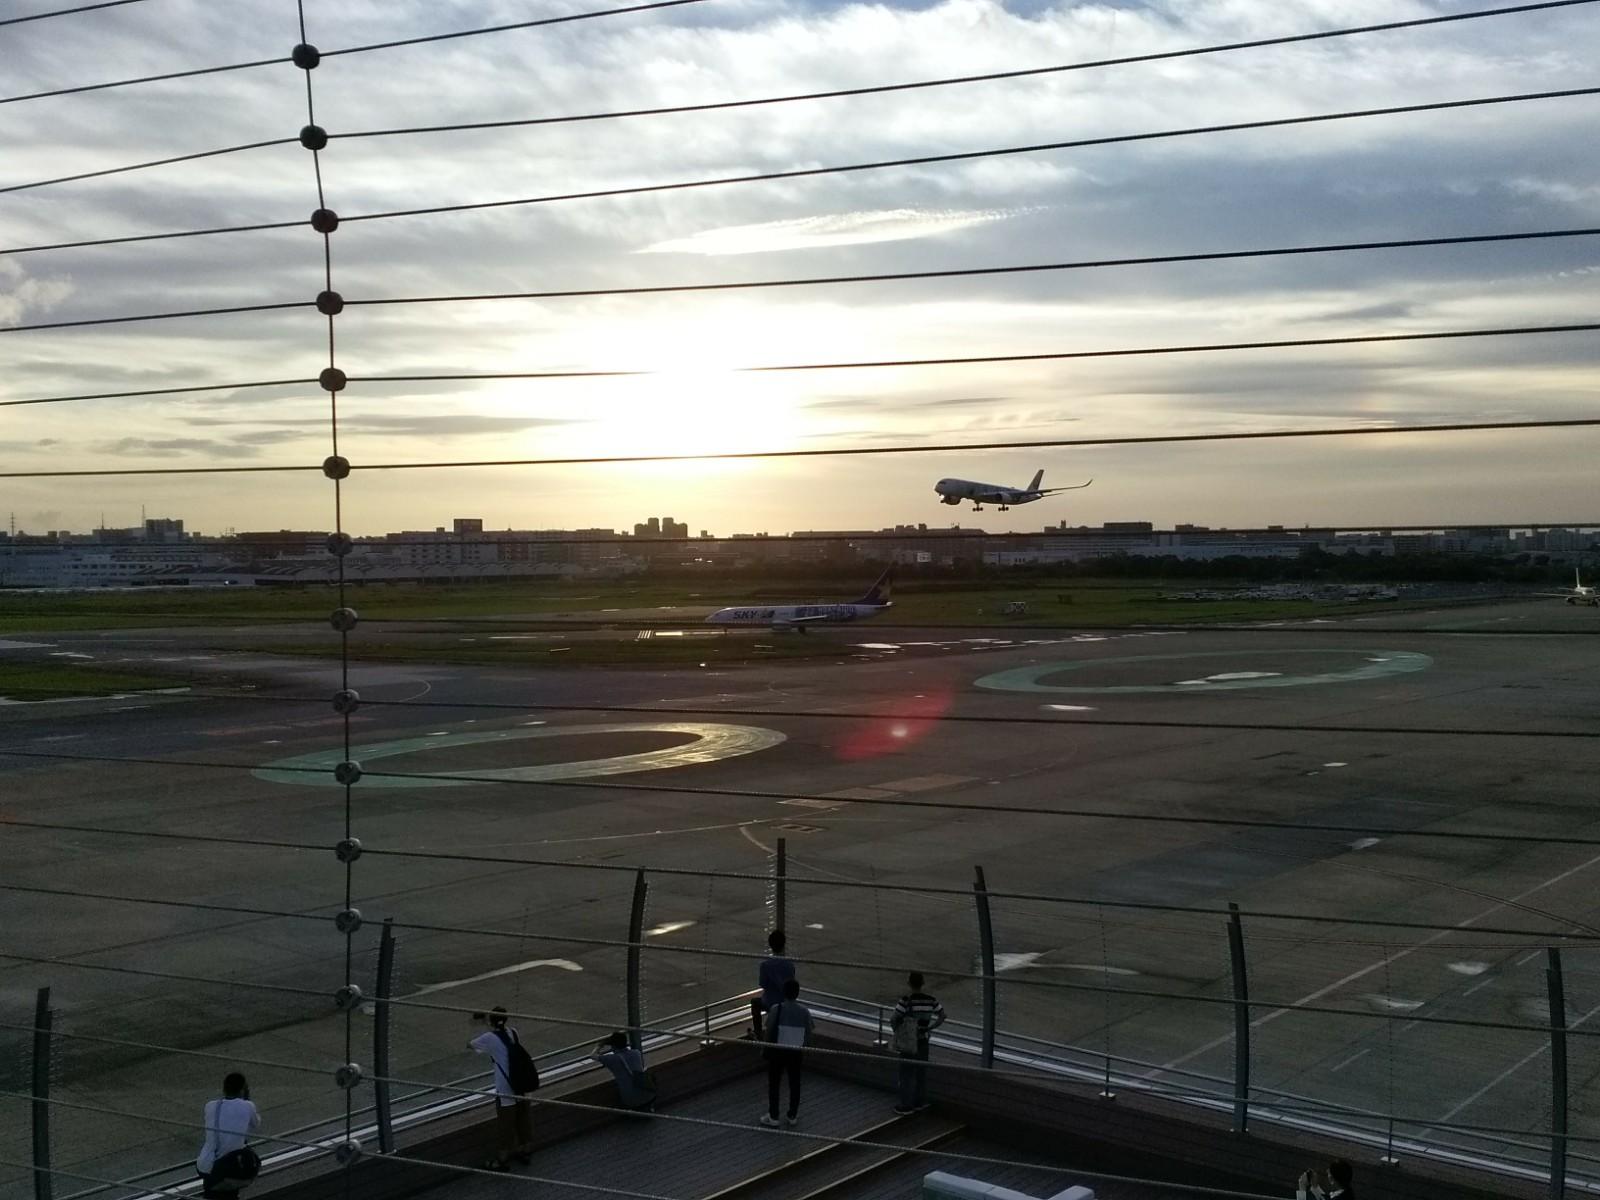 福岡空港展望デッキエリア、リニューアルオープン